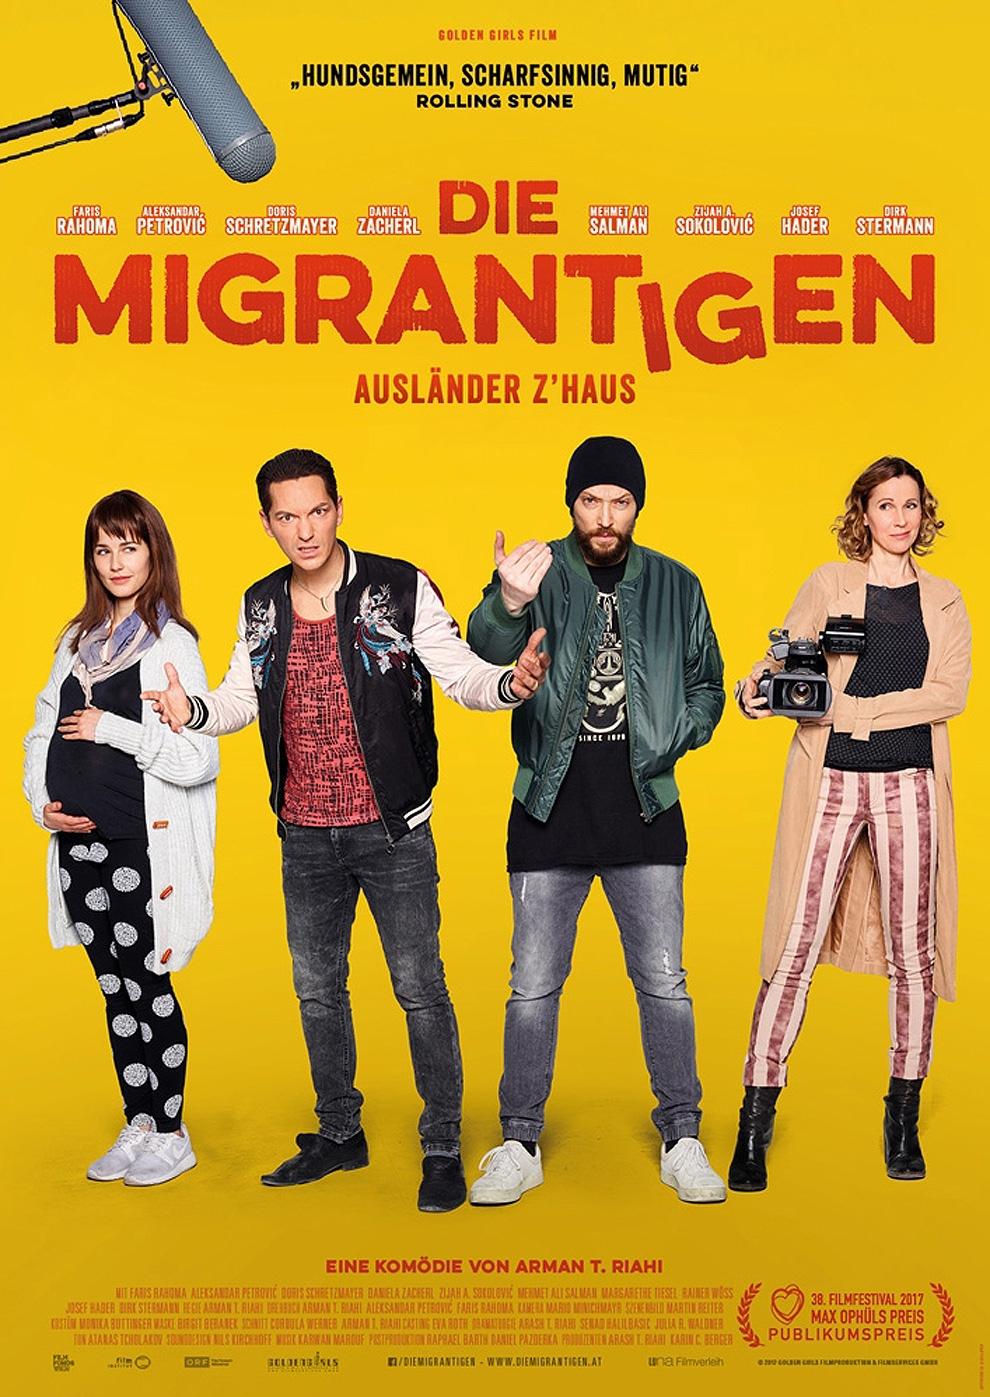 Die Migrantigen (Poster)